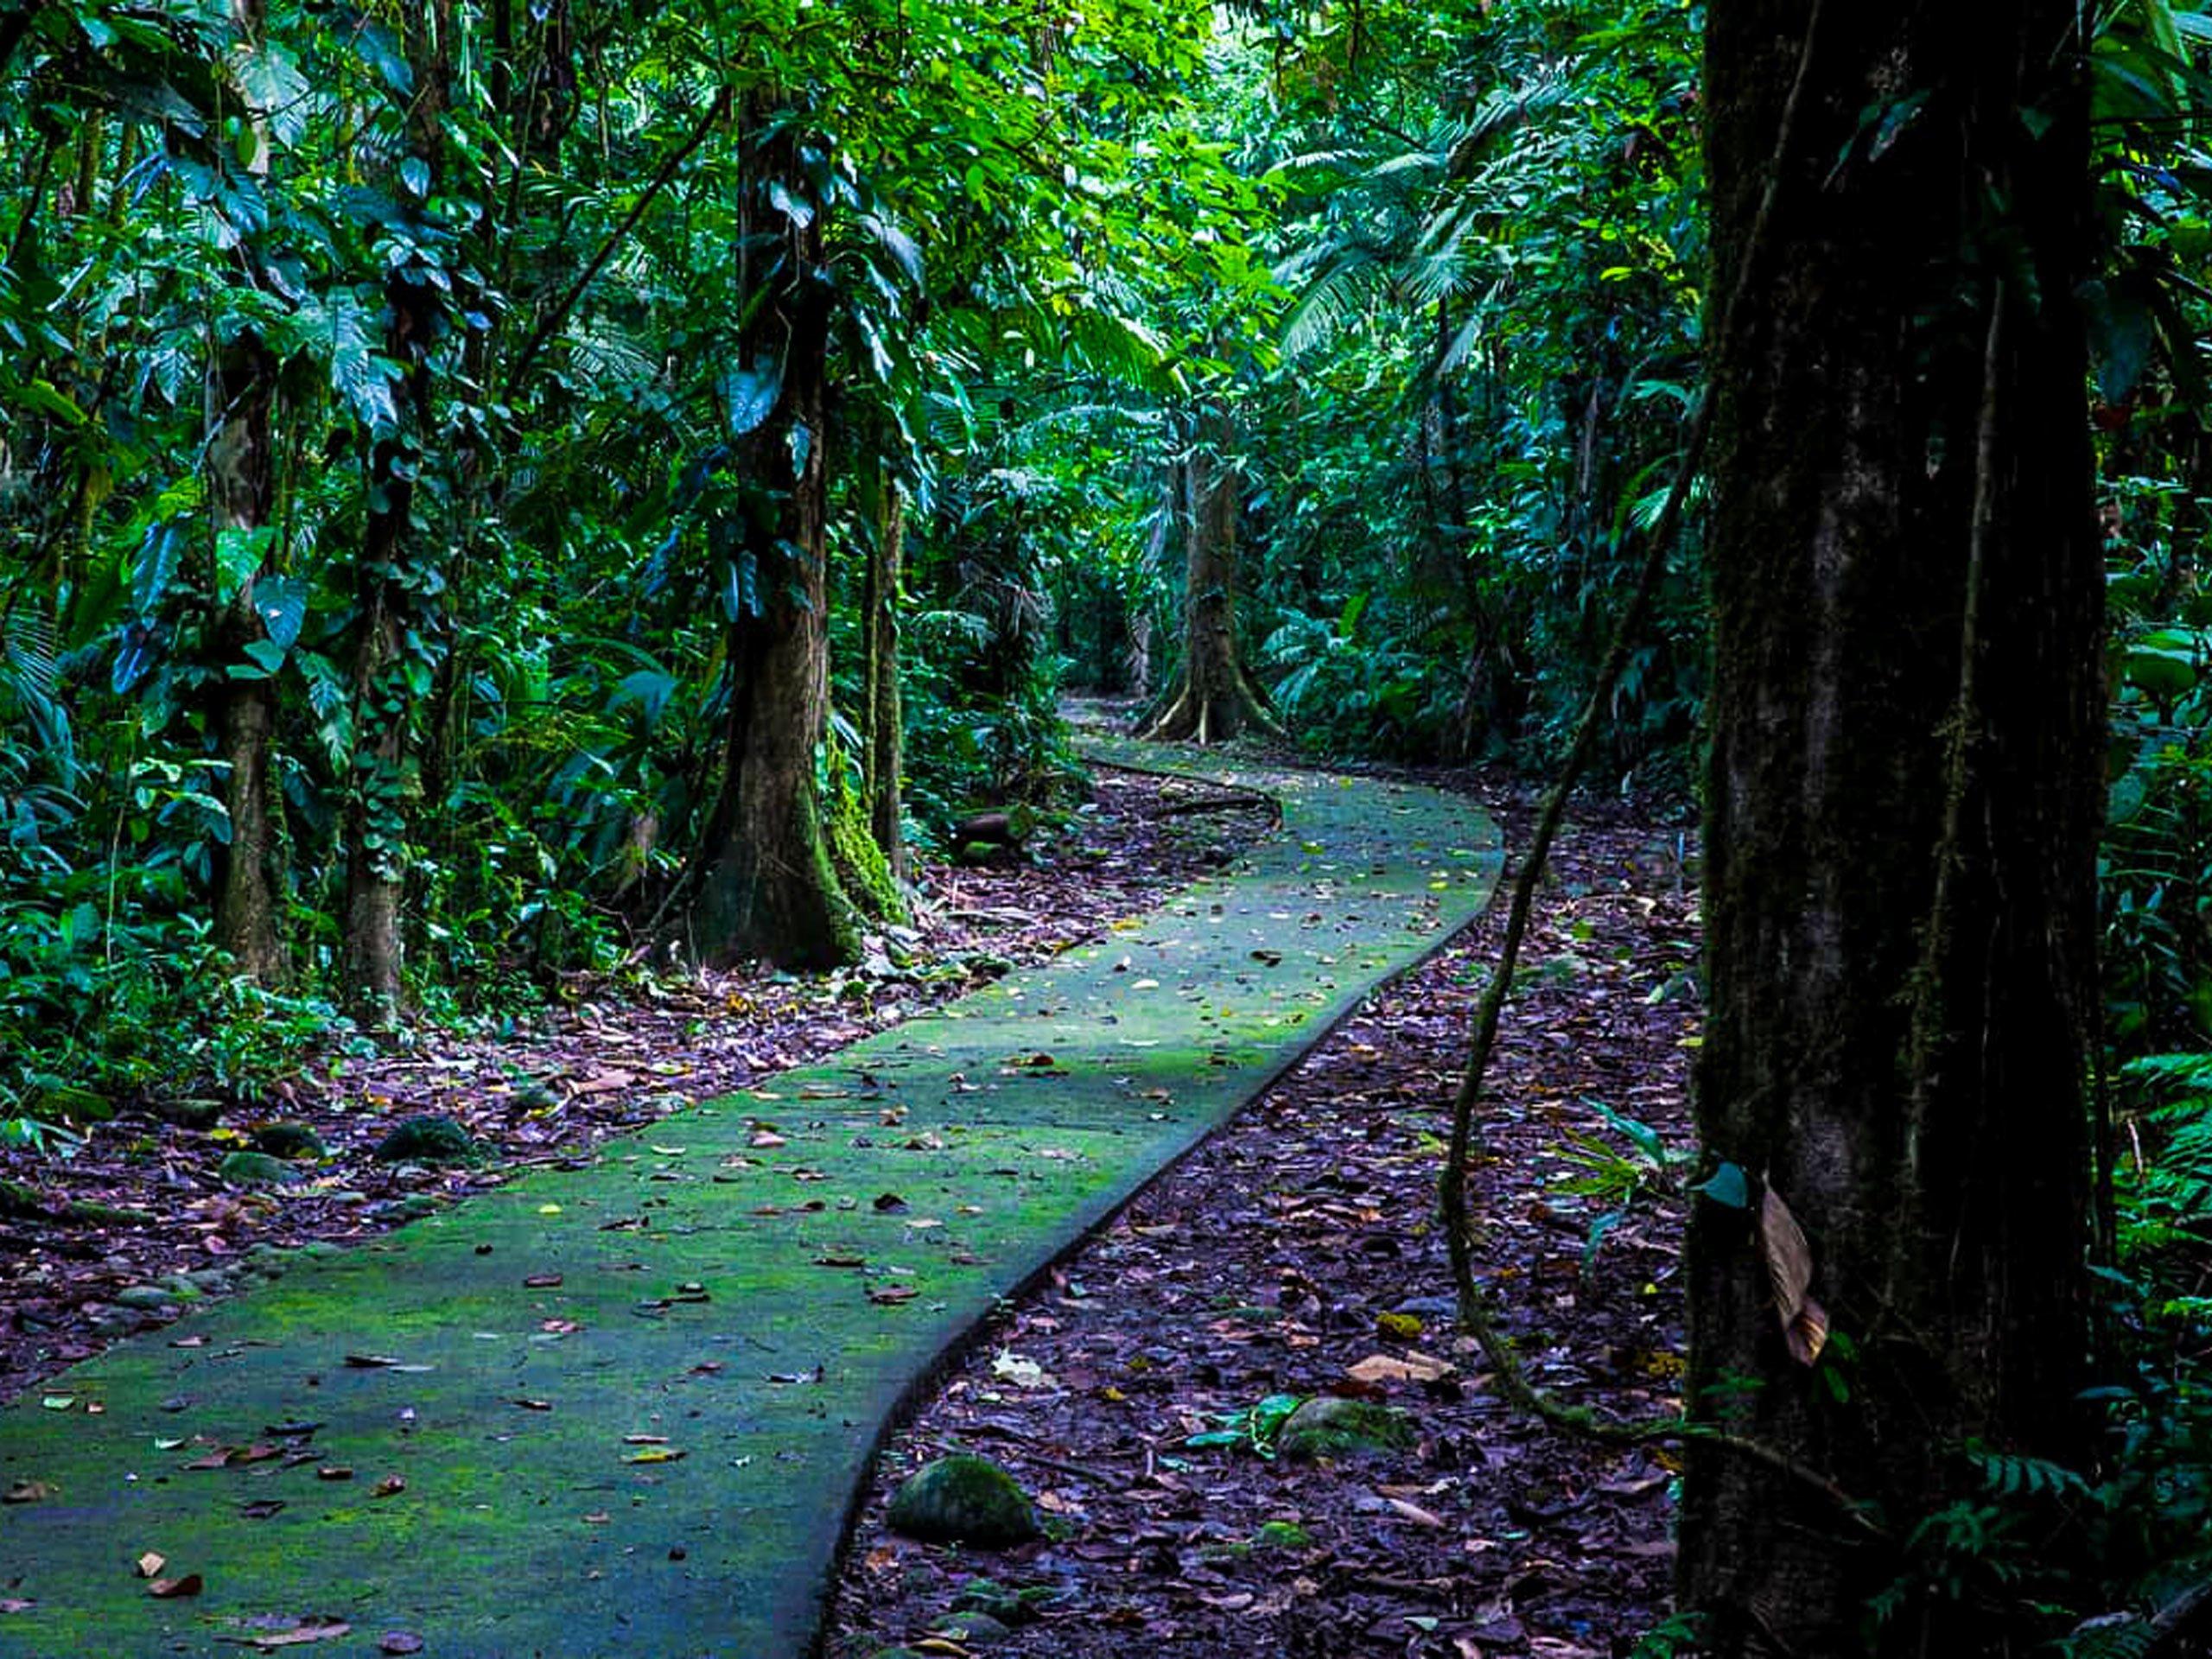 La Selva Biological Station tropics path